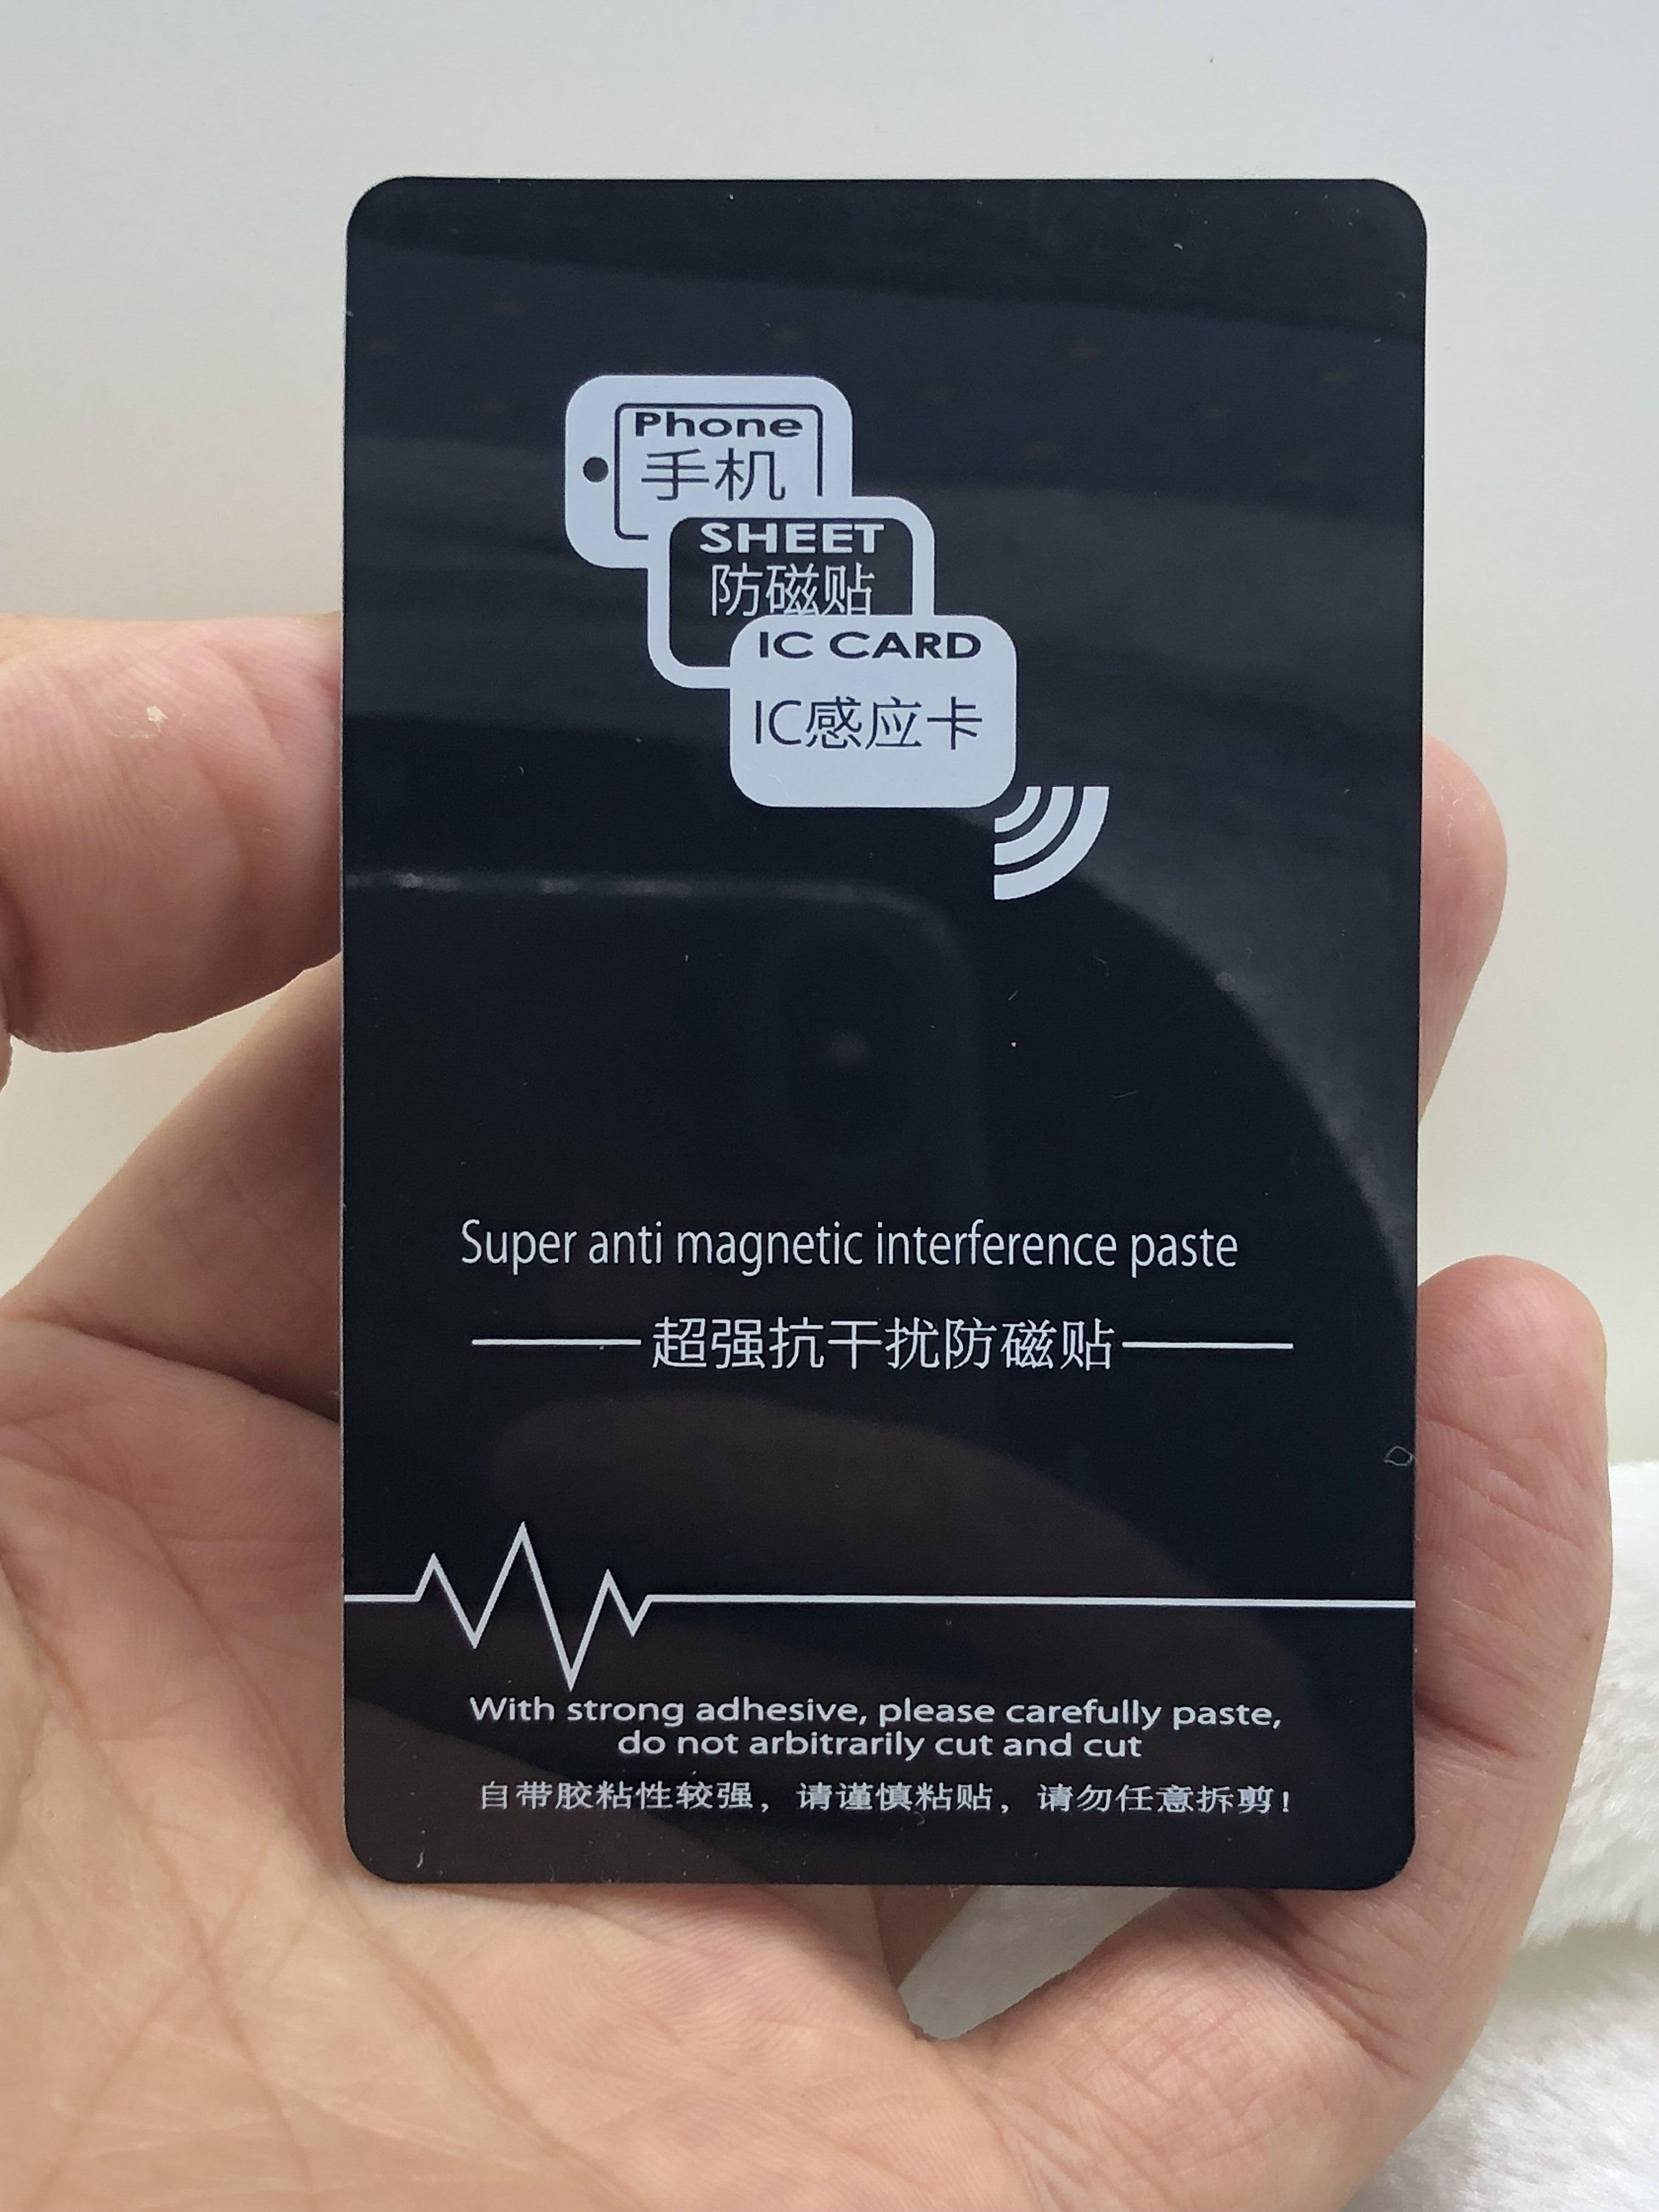 公交卡防消磁贴八达通手机刷 手机干扰防磁贴屏蔽贴 铁氧体防磁贴